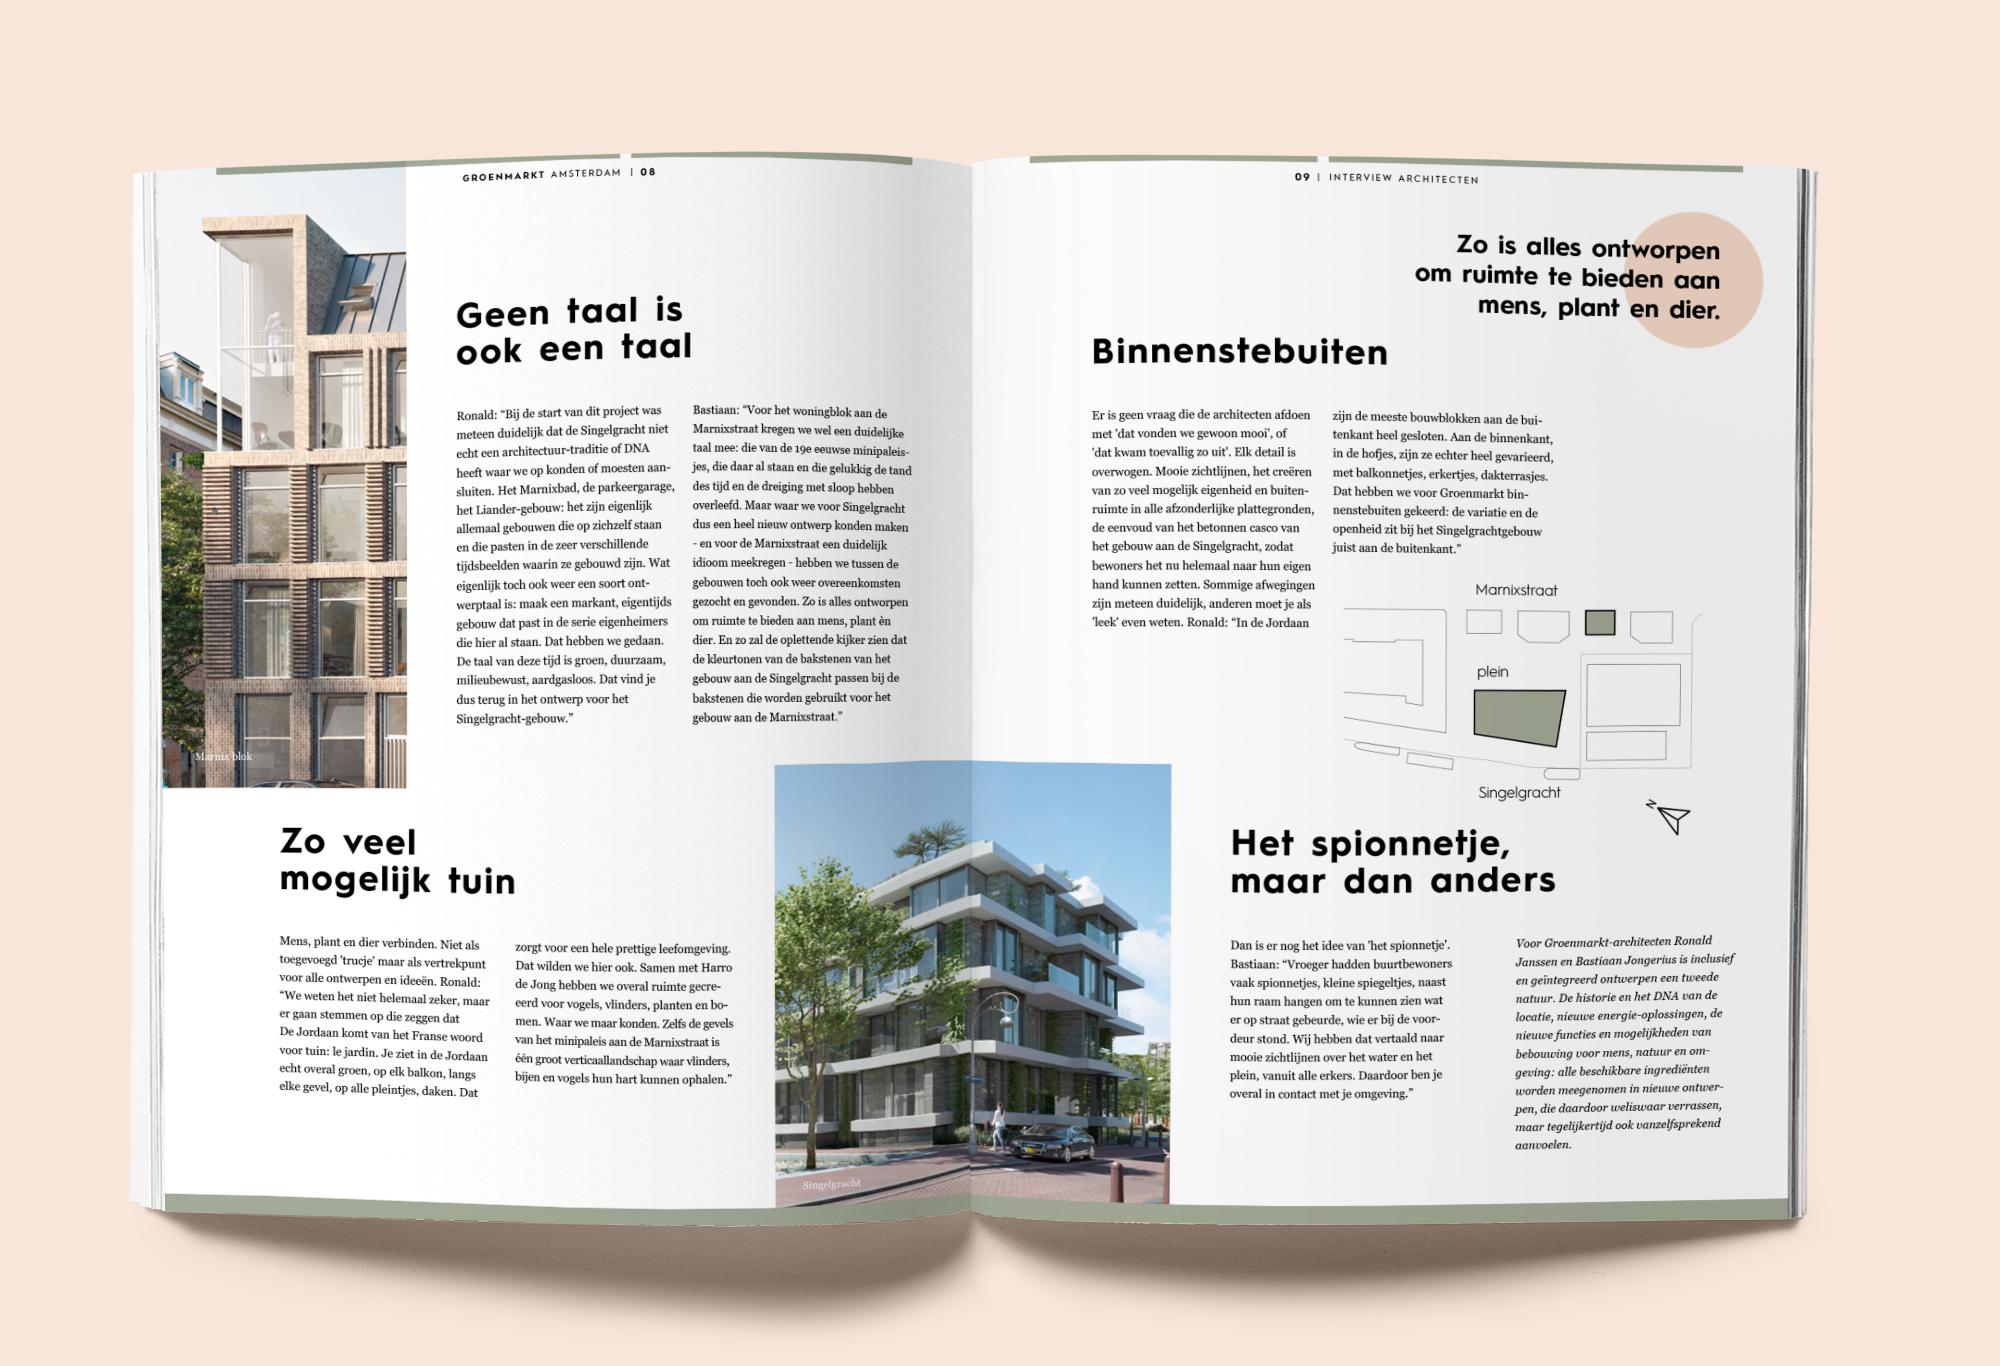 Groenmarkt_brochure4.jpg